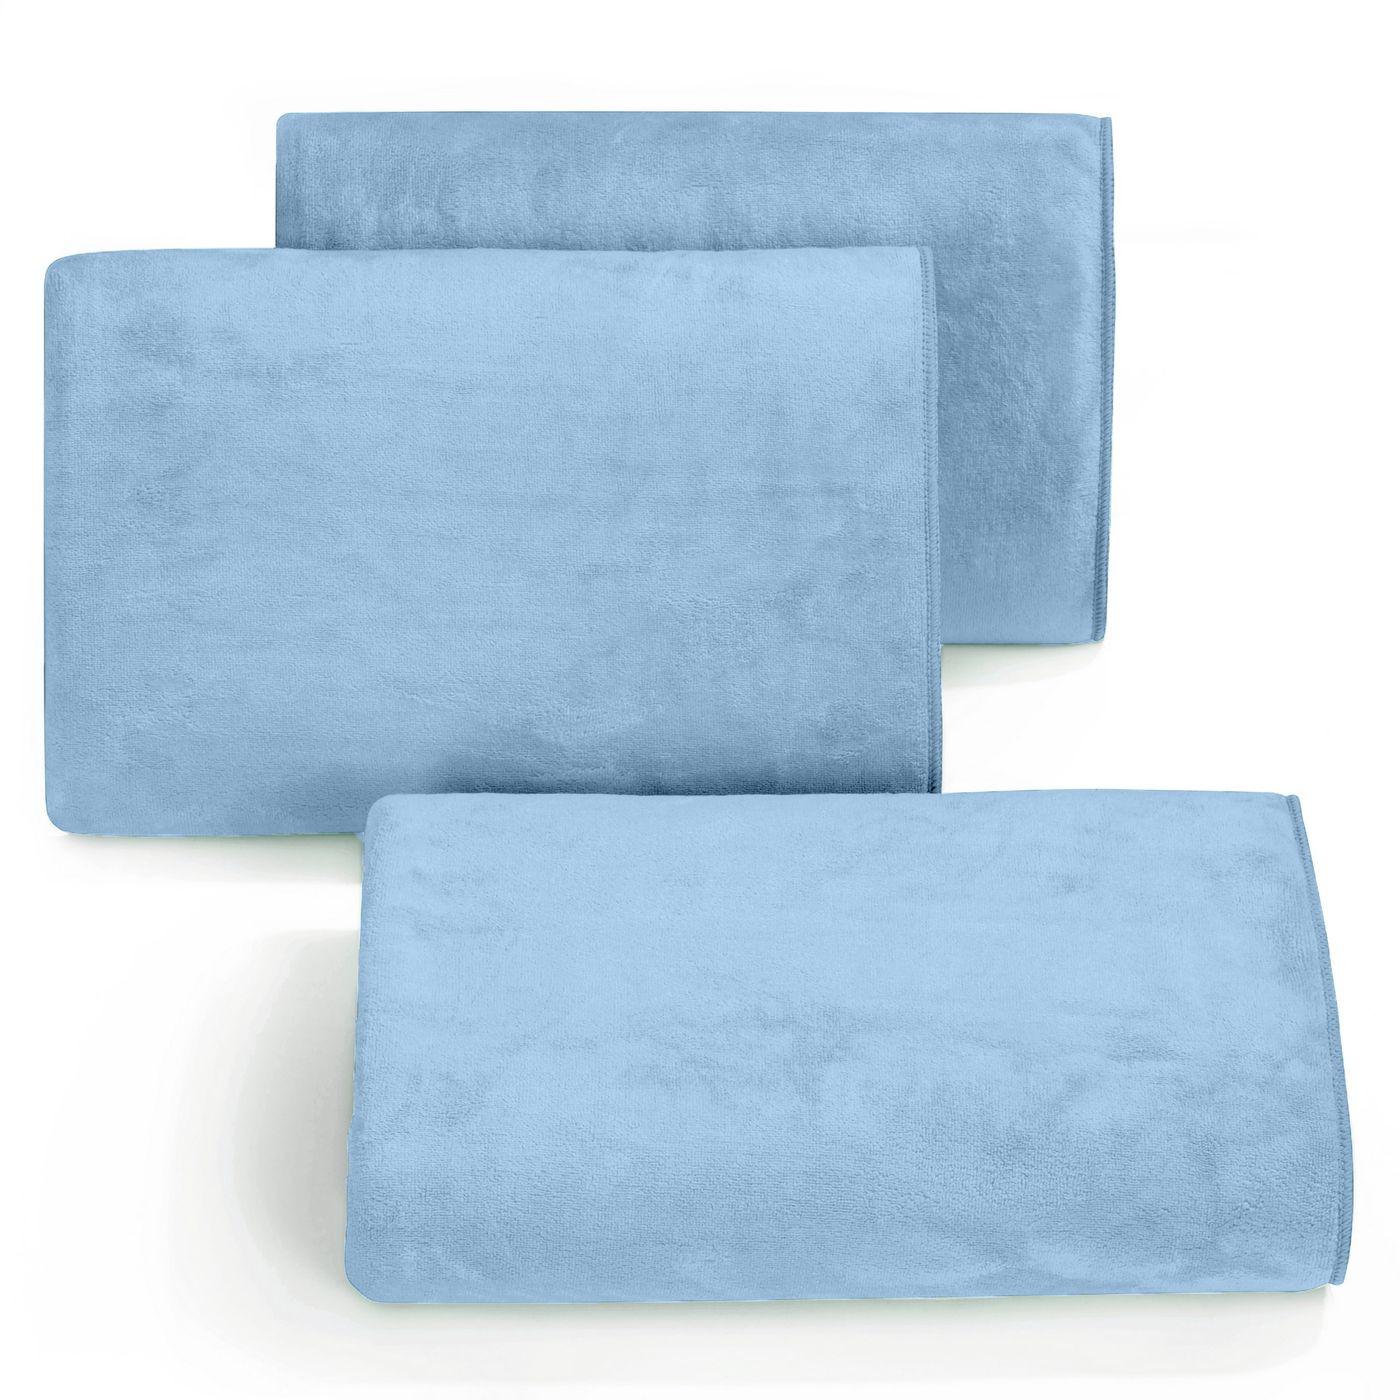 Ręcznik z mikrofibry szybkoschnący niebieski 50x90cm